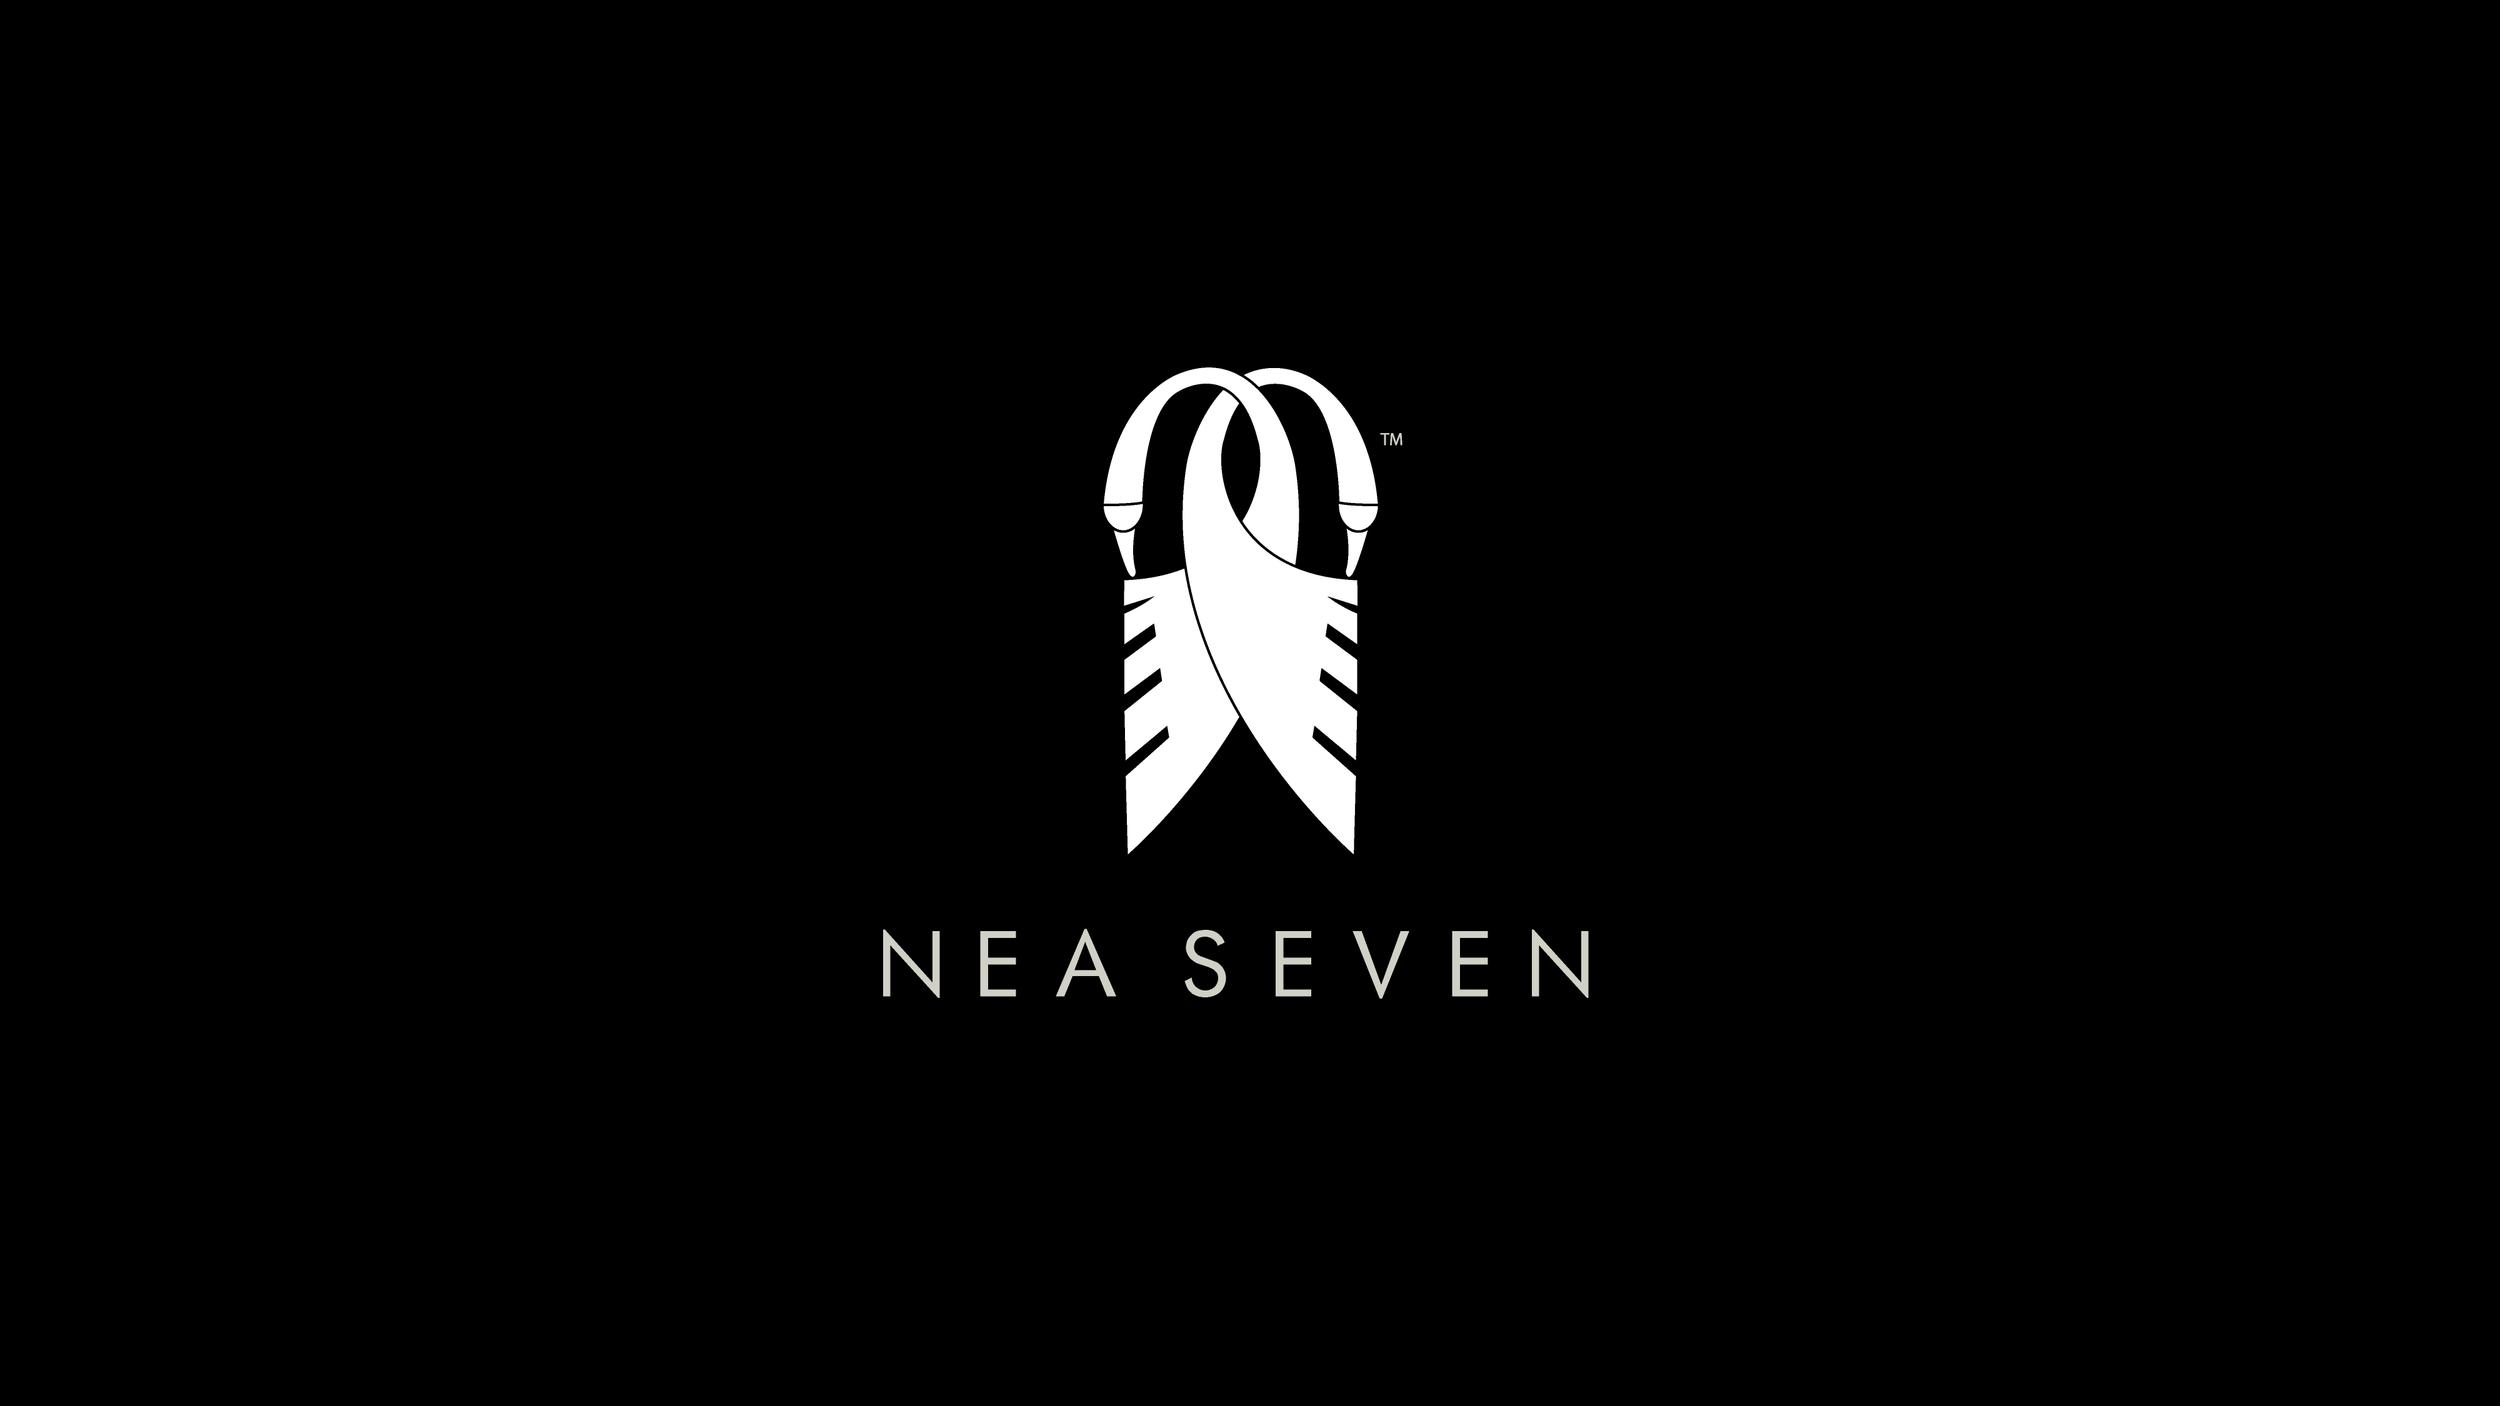 Nea Seven_iPad_02.png